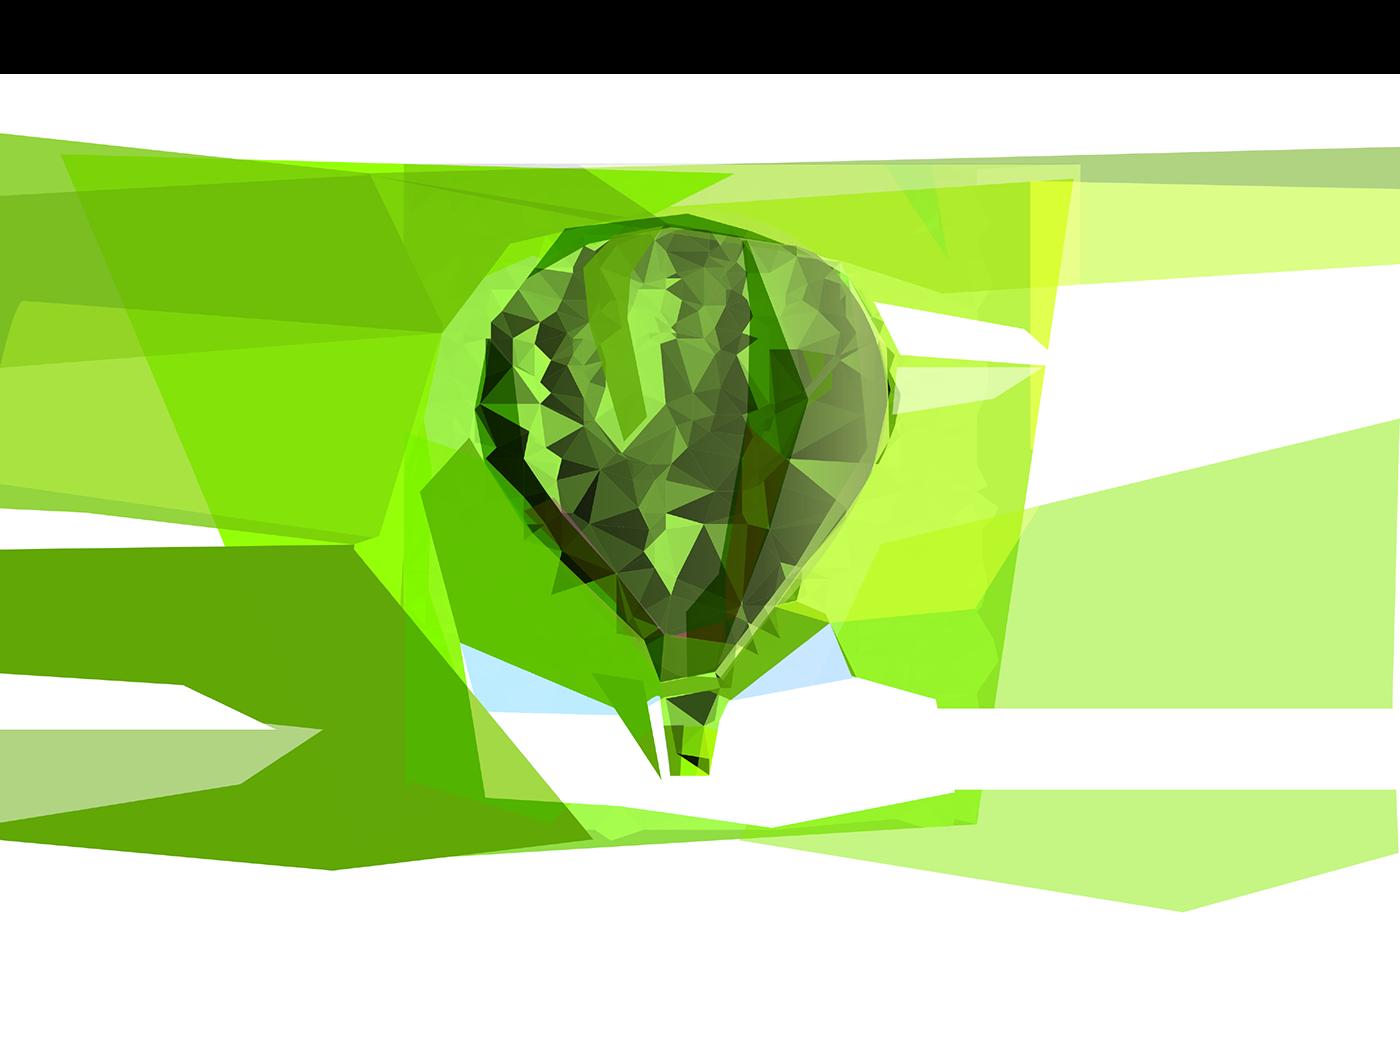 Beberapa Aplikasi Pembuat Desain Logo Gratis yang Perlu Diketahui